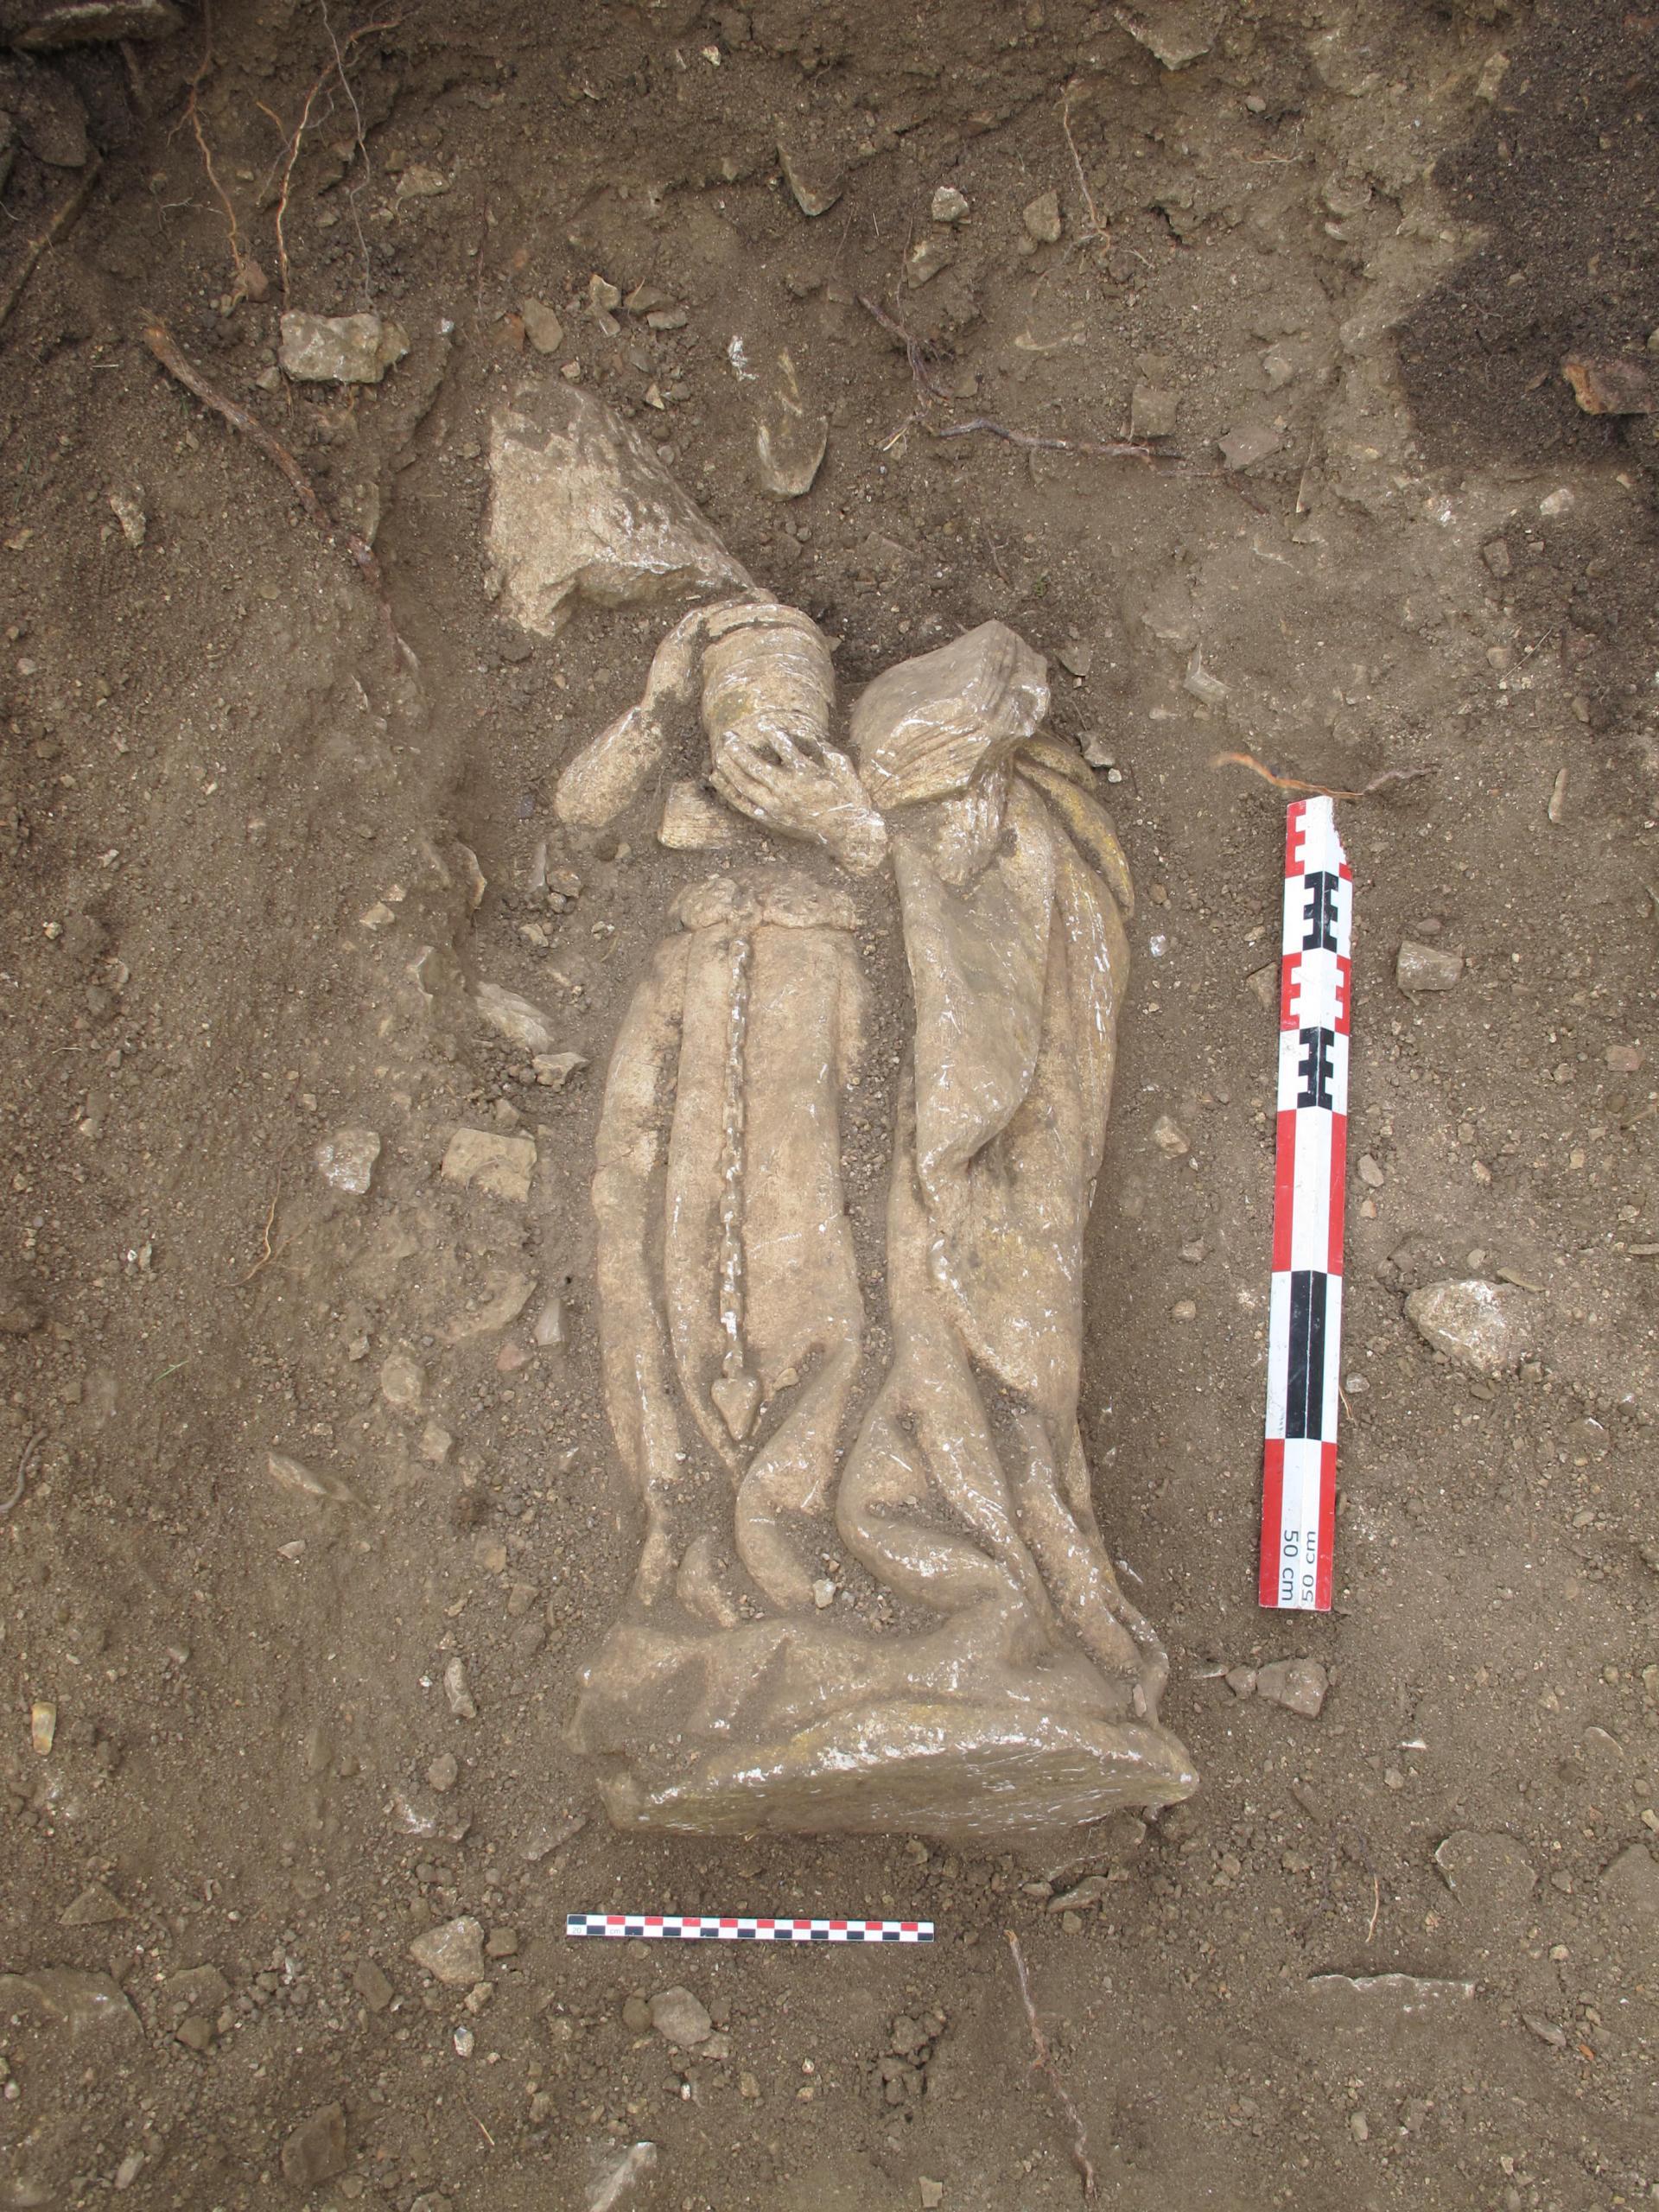 L'Inrap lance une campagne de mécénat participatif pour la restauration de deux statues bourguignonnes médiévales Laistmard14-086